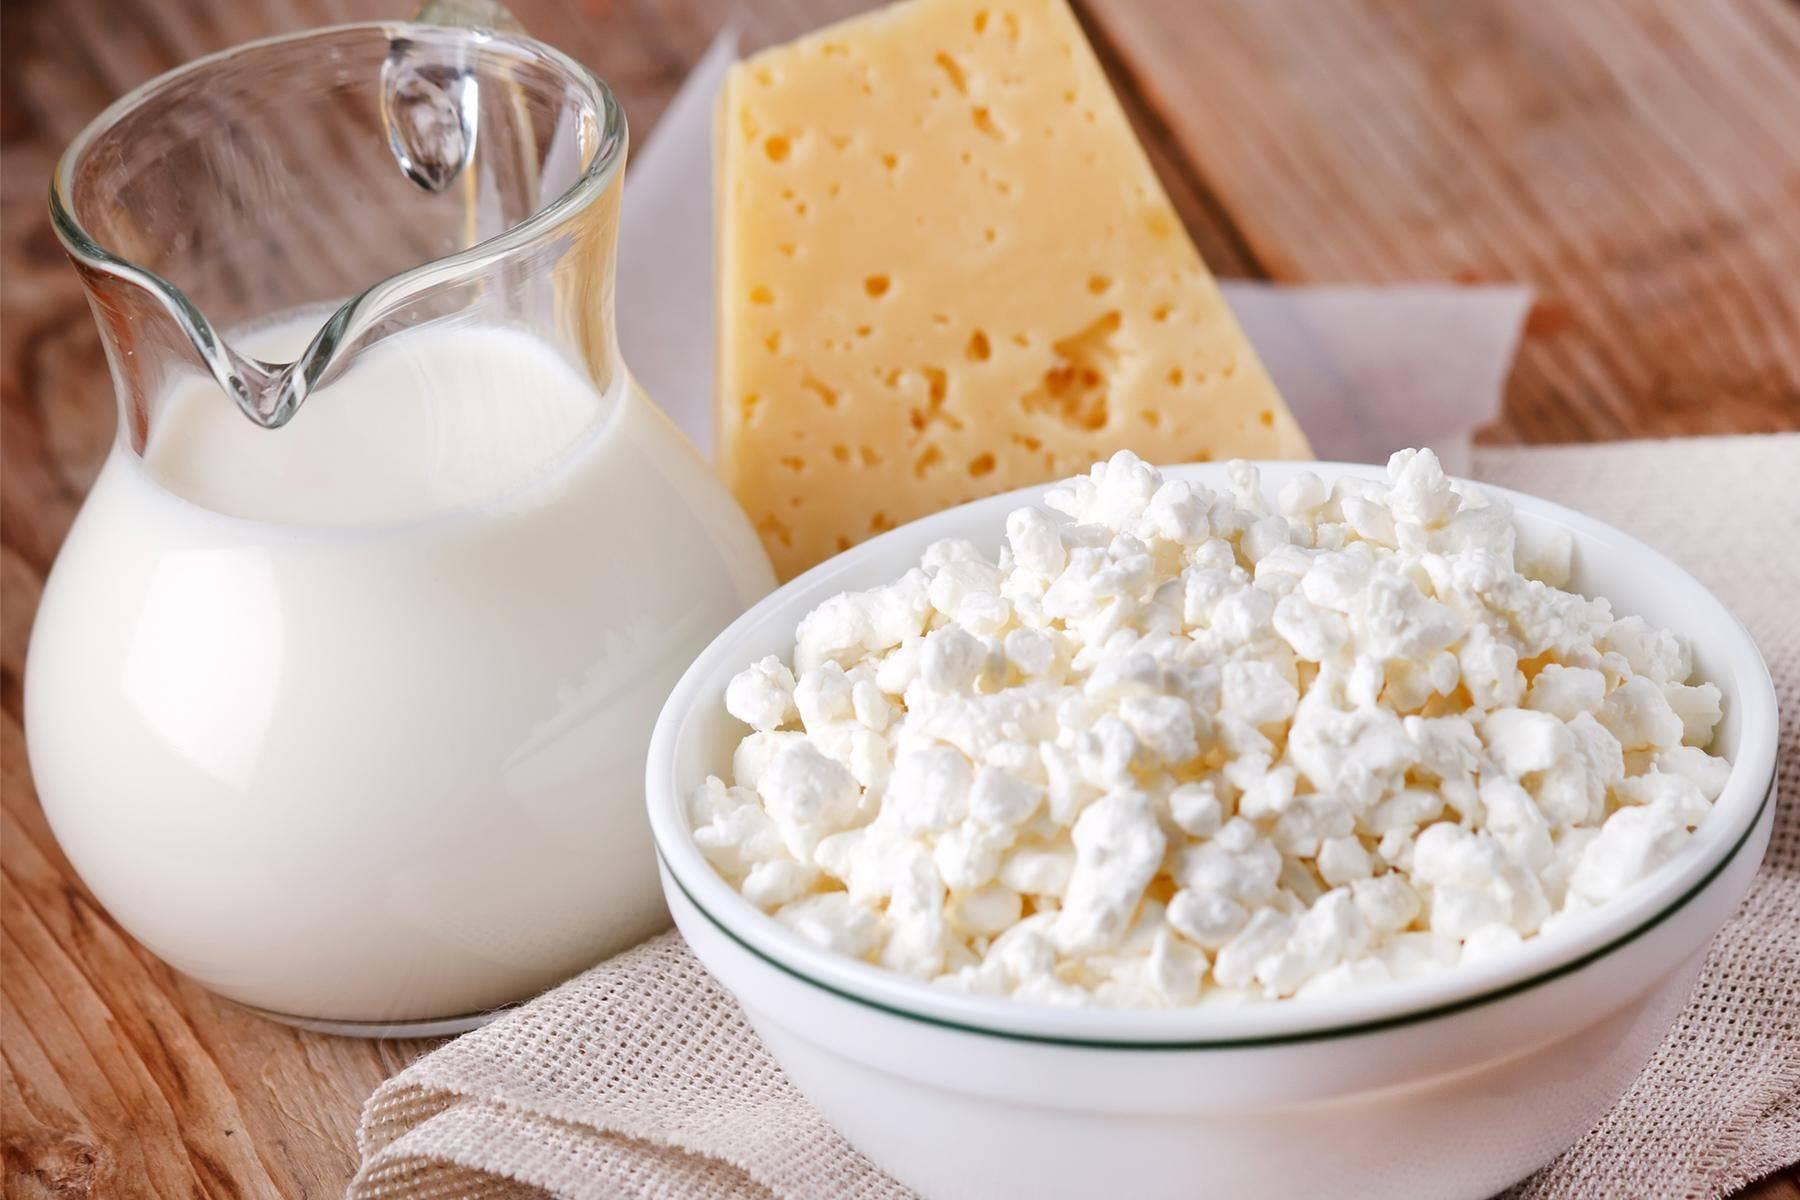 Кисломолочные продукты при грудном вскармливании: за и против